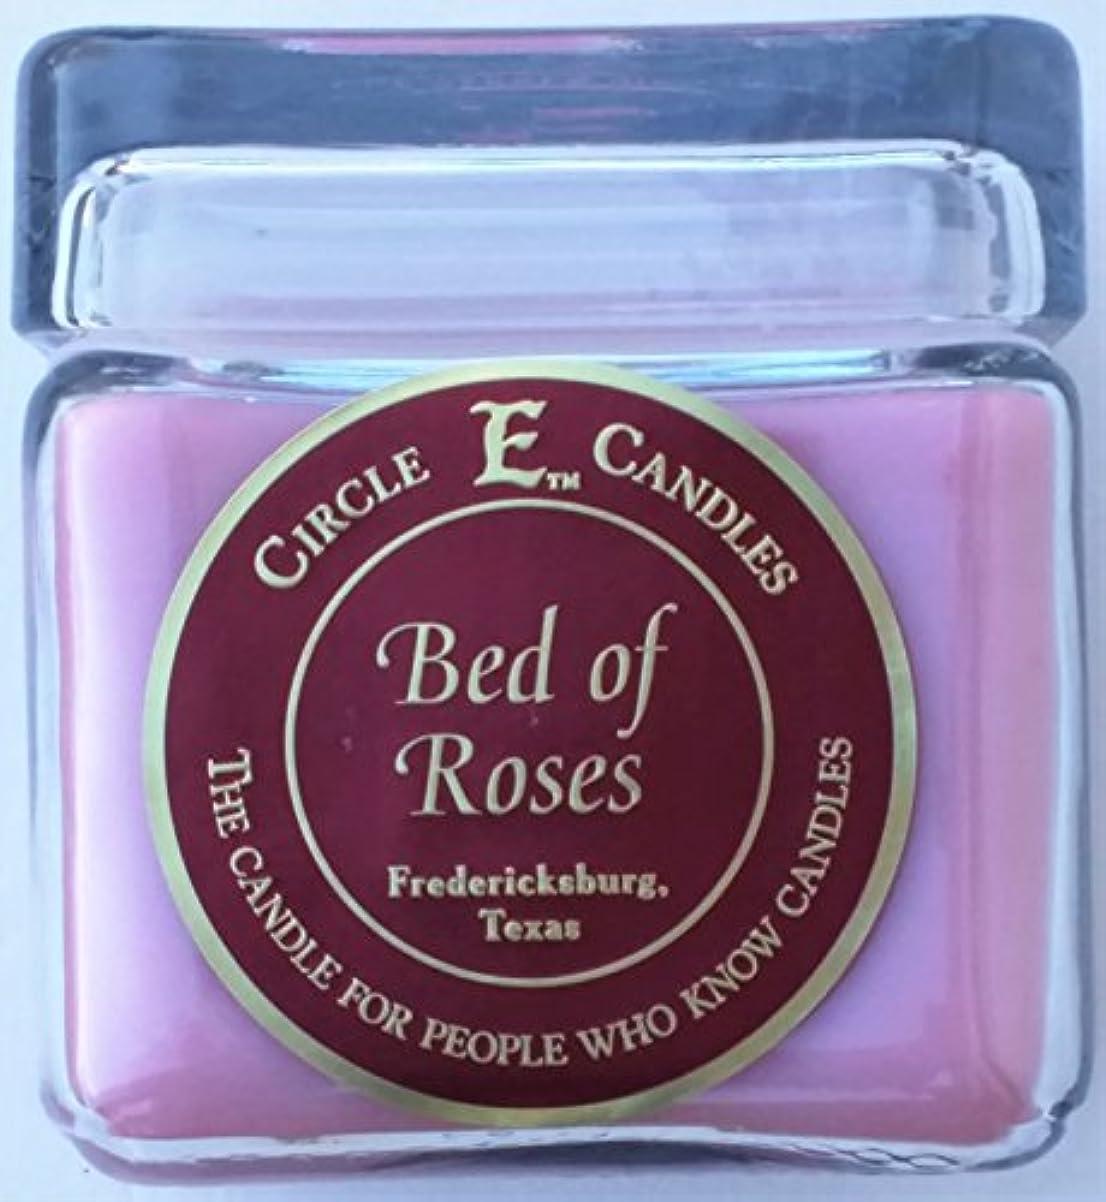 見る人手錠喜劇28oz円E Bed of Roses Candle